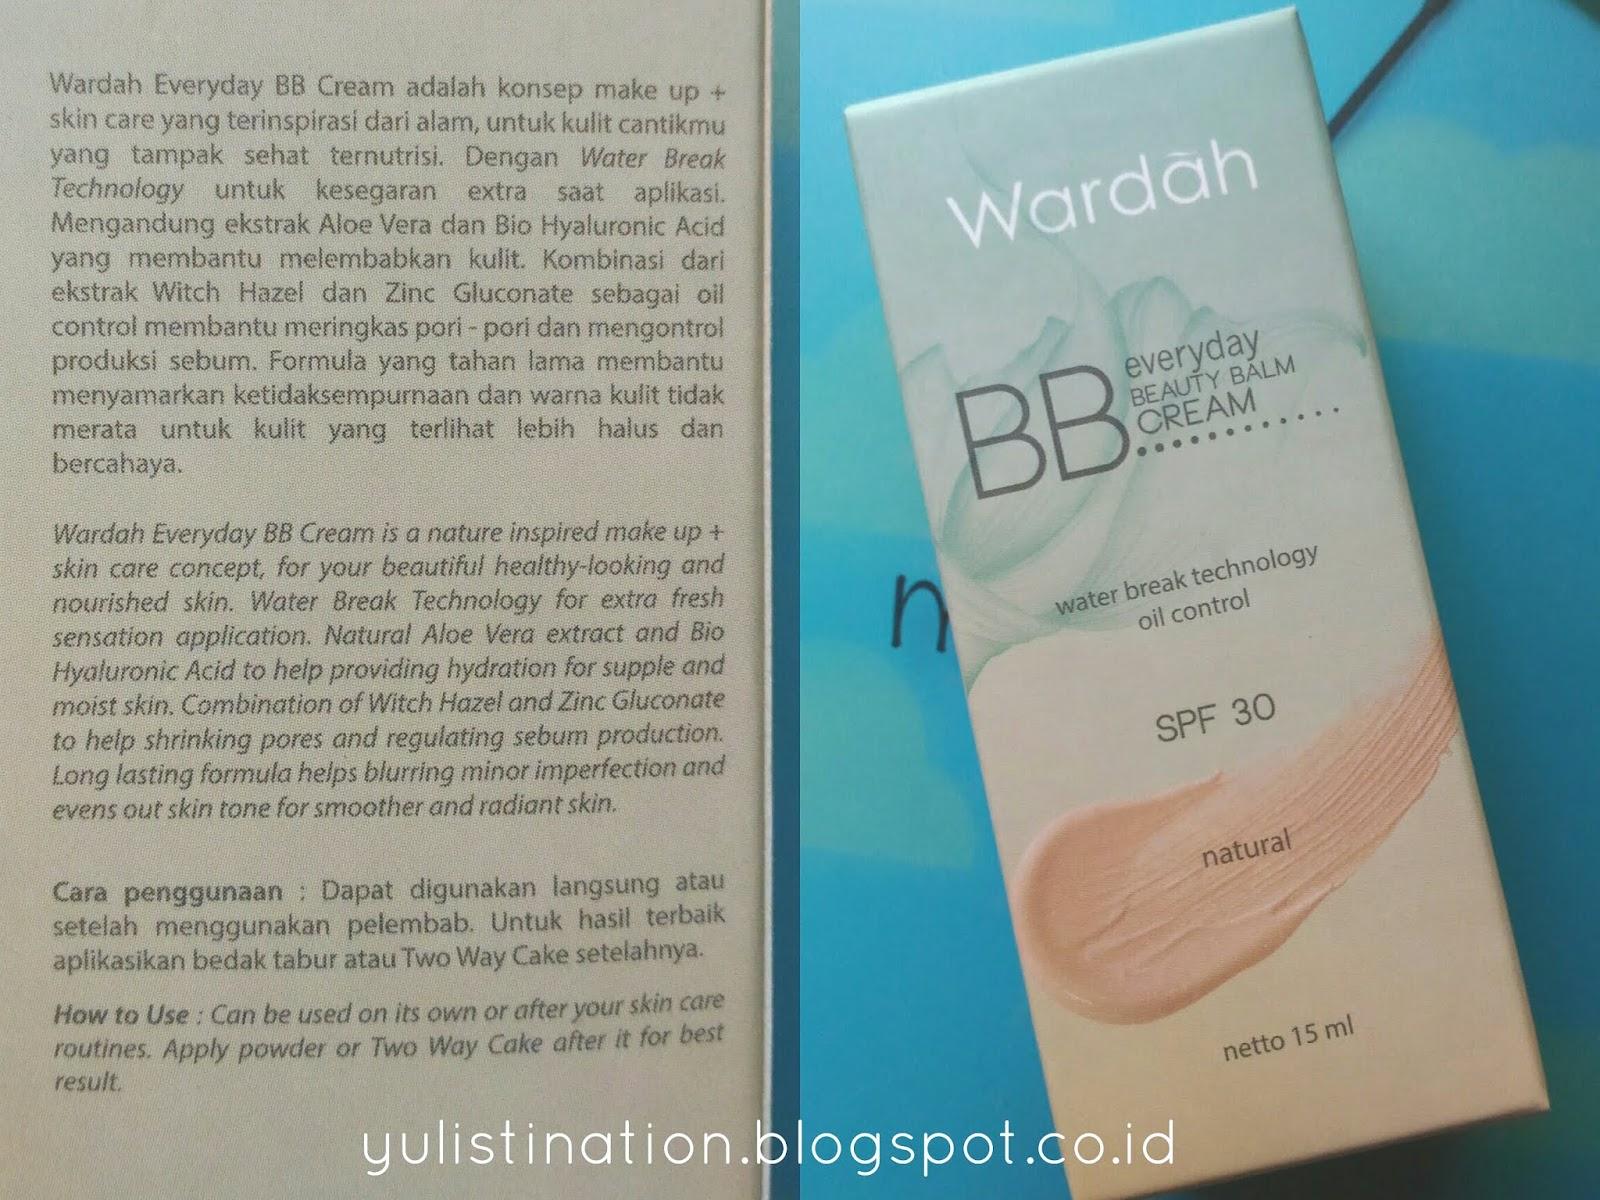 Review Wardah Everyday Beauty Balm Bb Cream Shade Natural The Adalah Konsep Make Up Skin Care Yang Terinspirasi Dari Alam Untuk Kulit Cantikmu Tampak Sehat Dan Ternutrisi